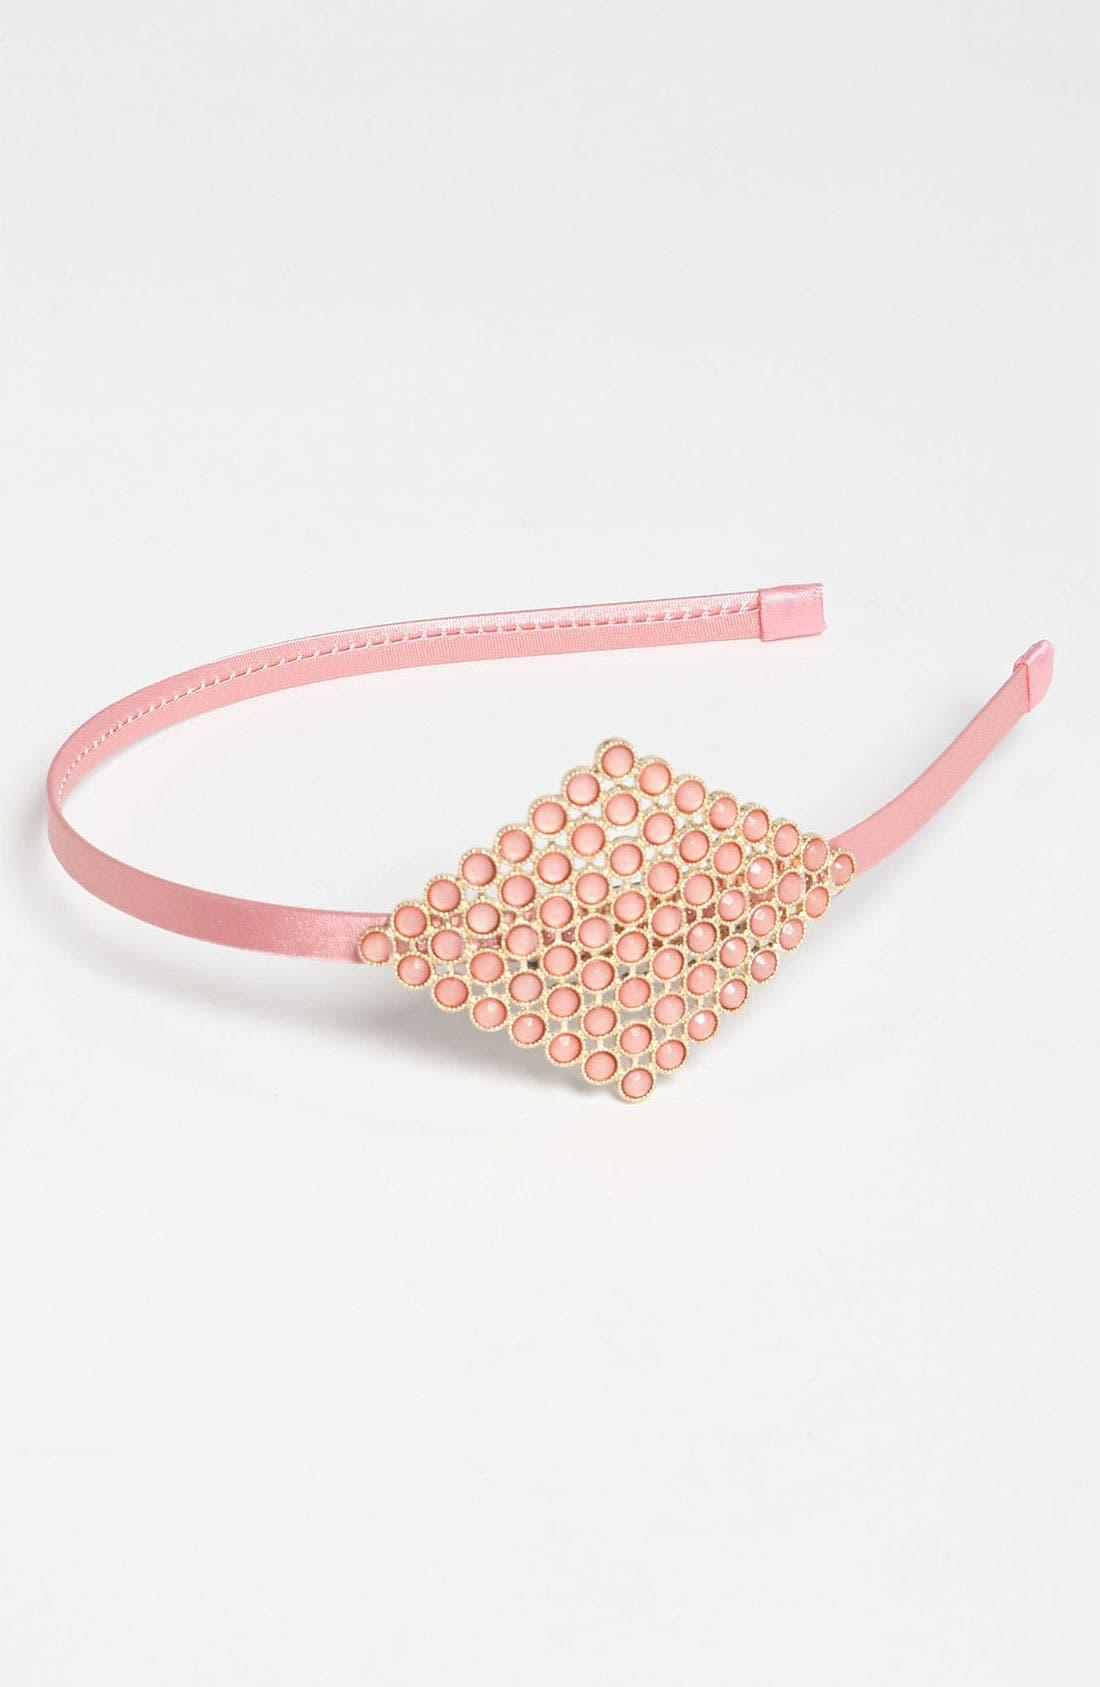 Alternate Image 1 Selected - Tasha 'Honeycomb Diamond' Headband